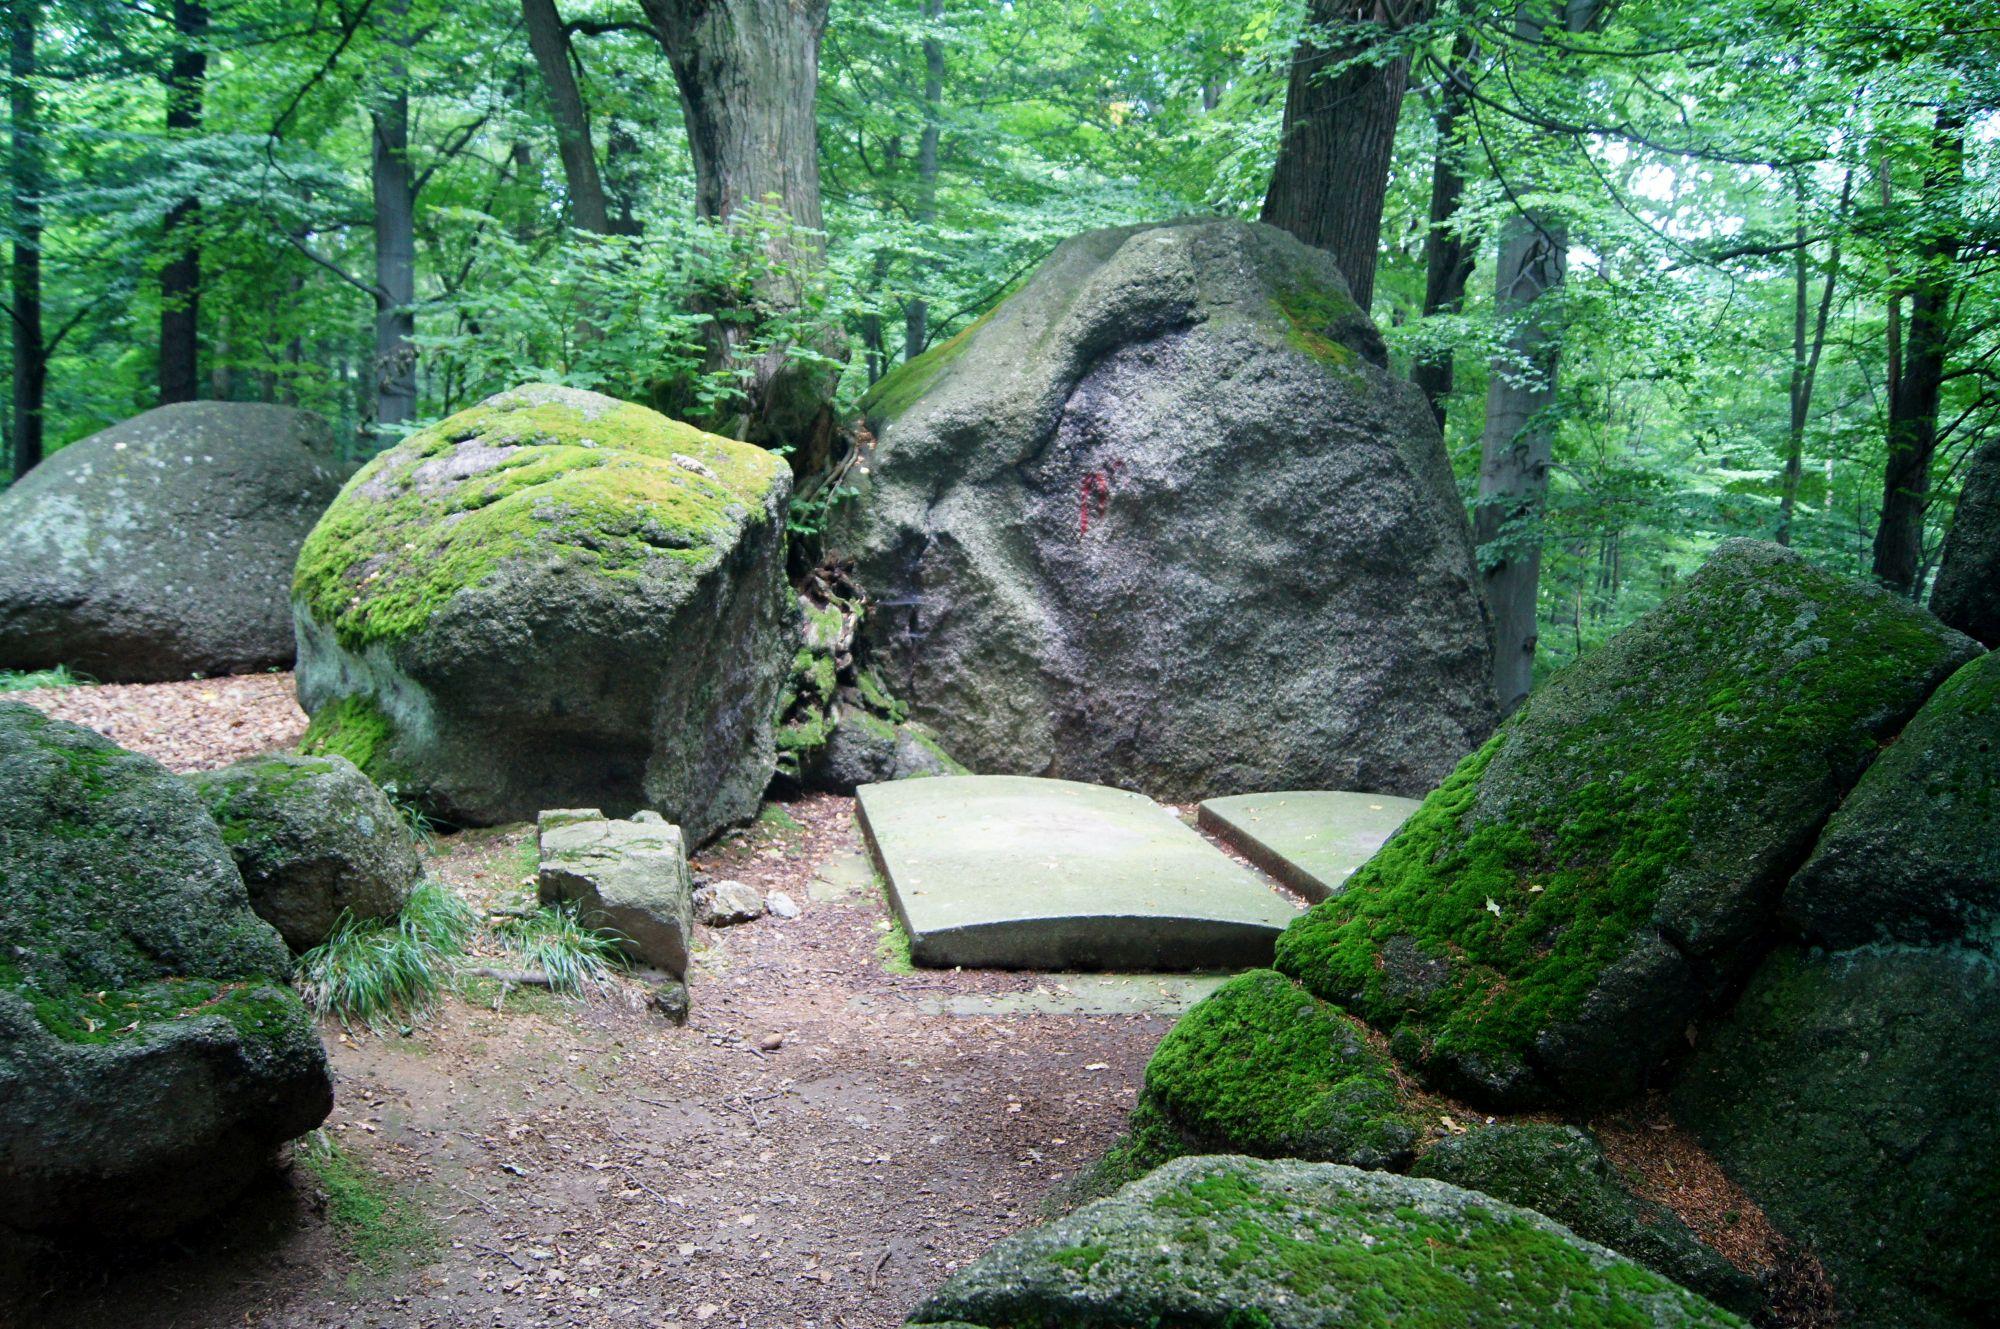 4. Grobowce Rodziny von Reuss w Kowarach